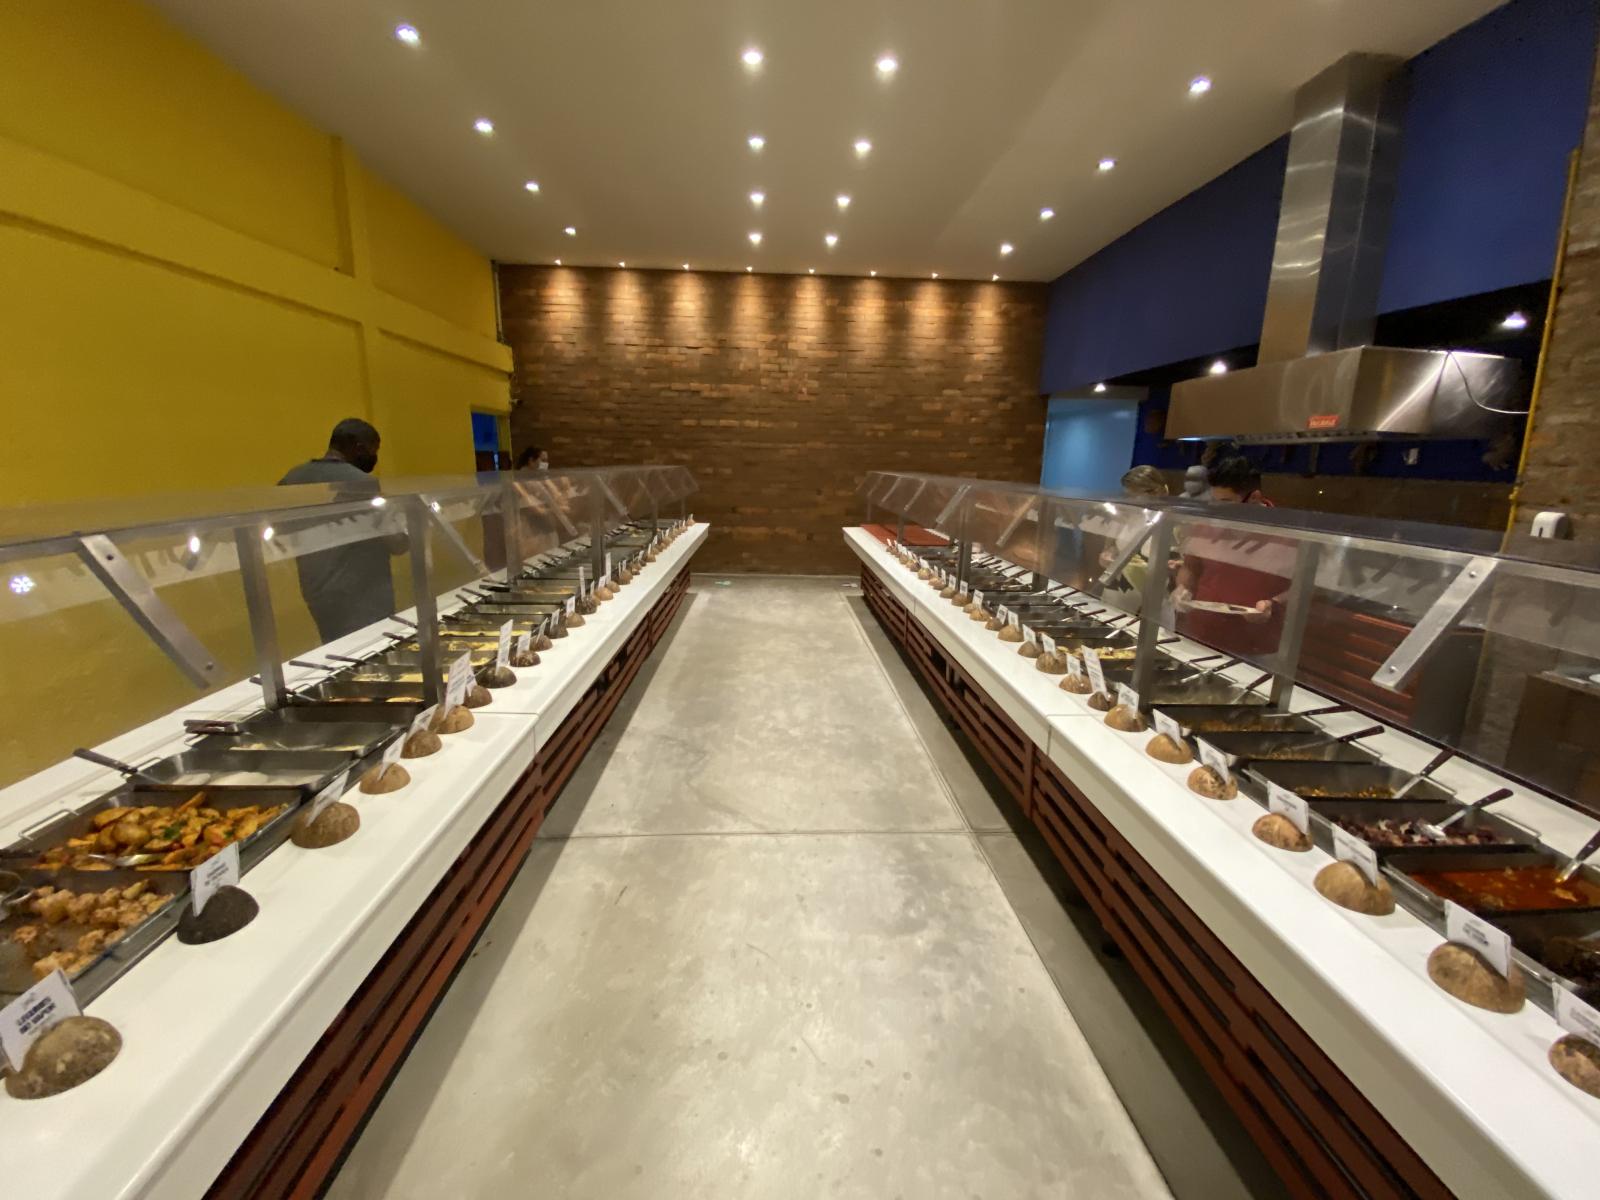 Restaurante Mangai João Pessoa